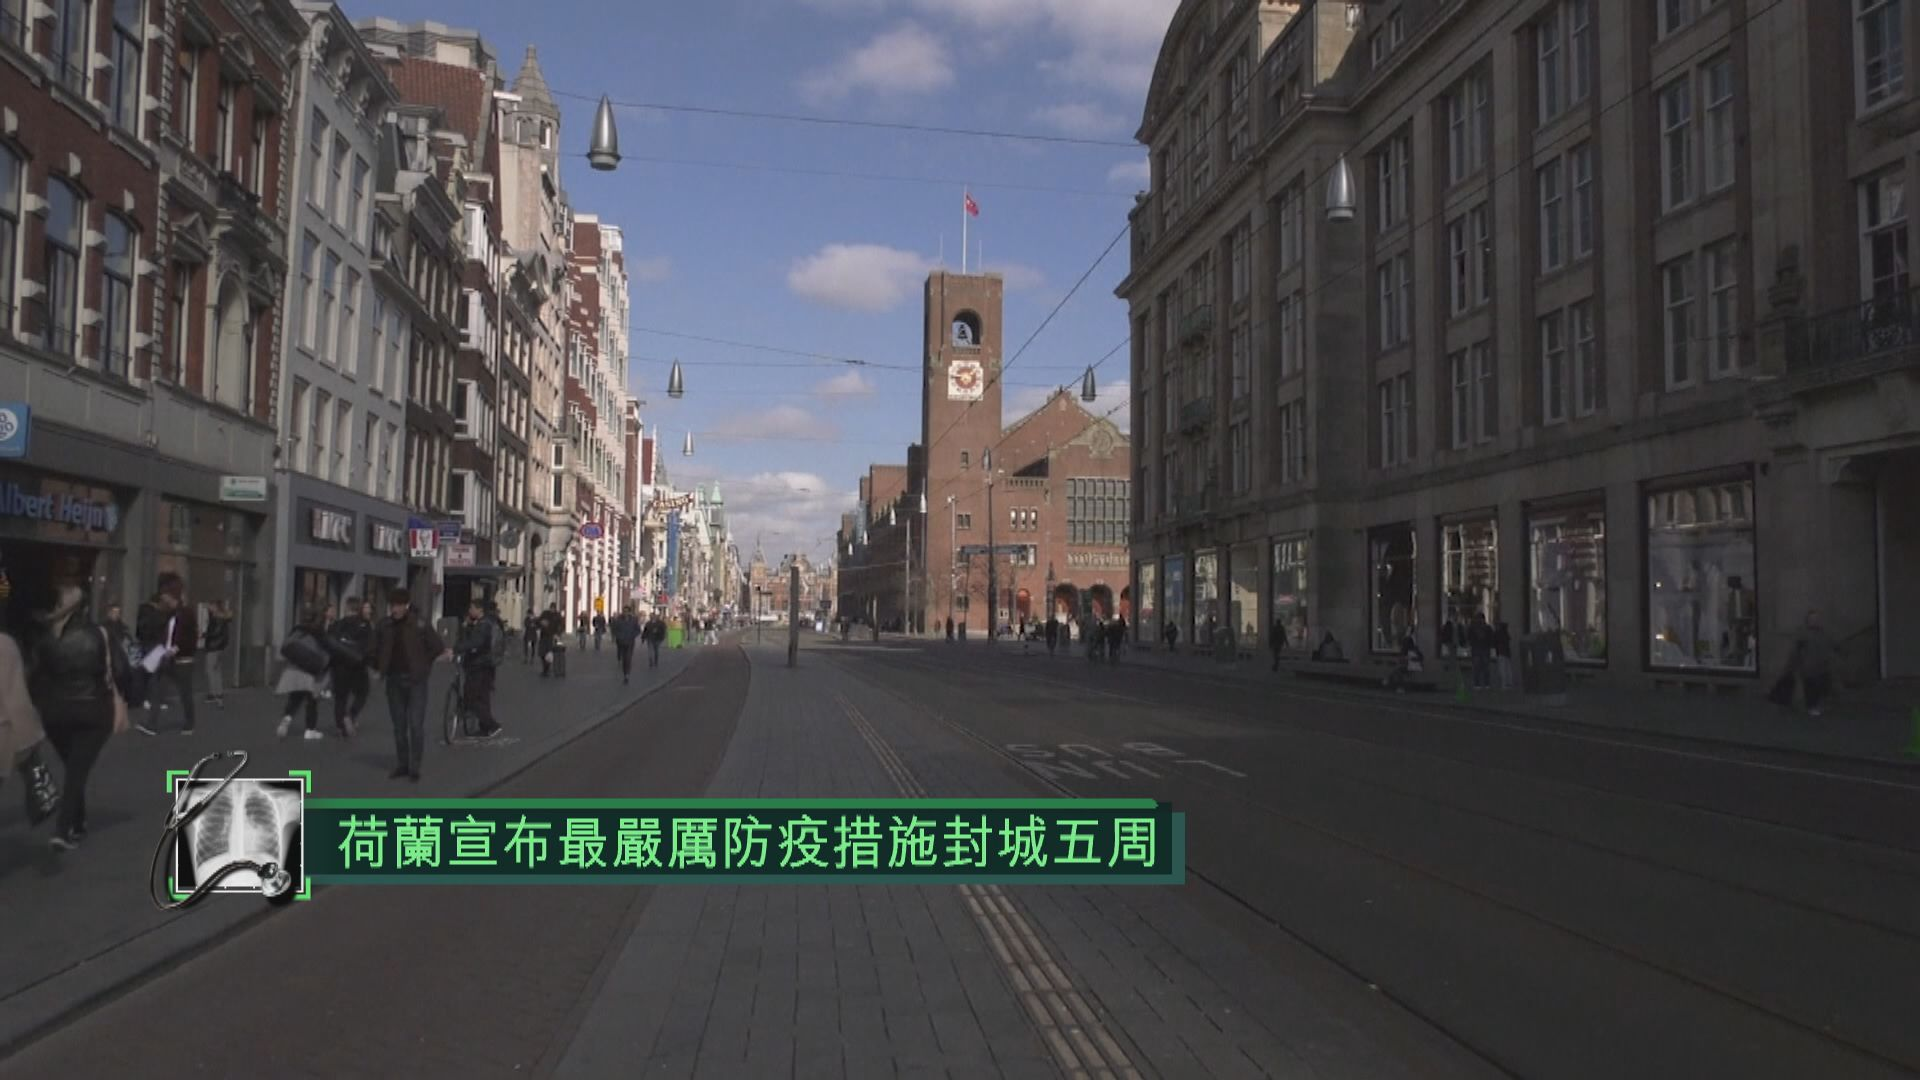 荷蘭實施自疫情爆發以來最嚴厲封城措施